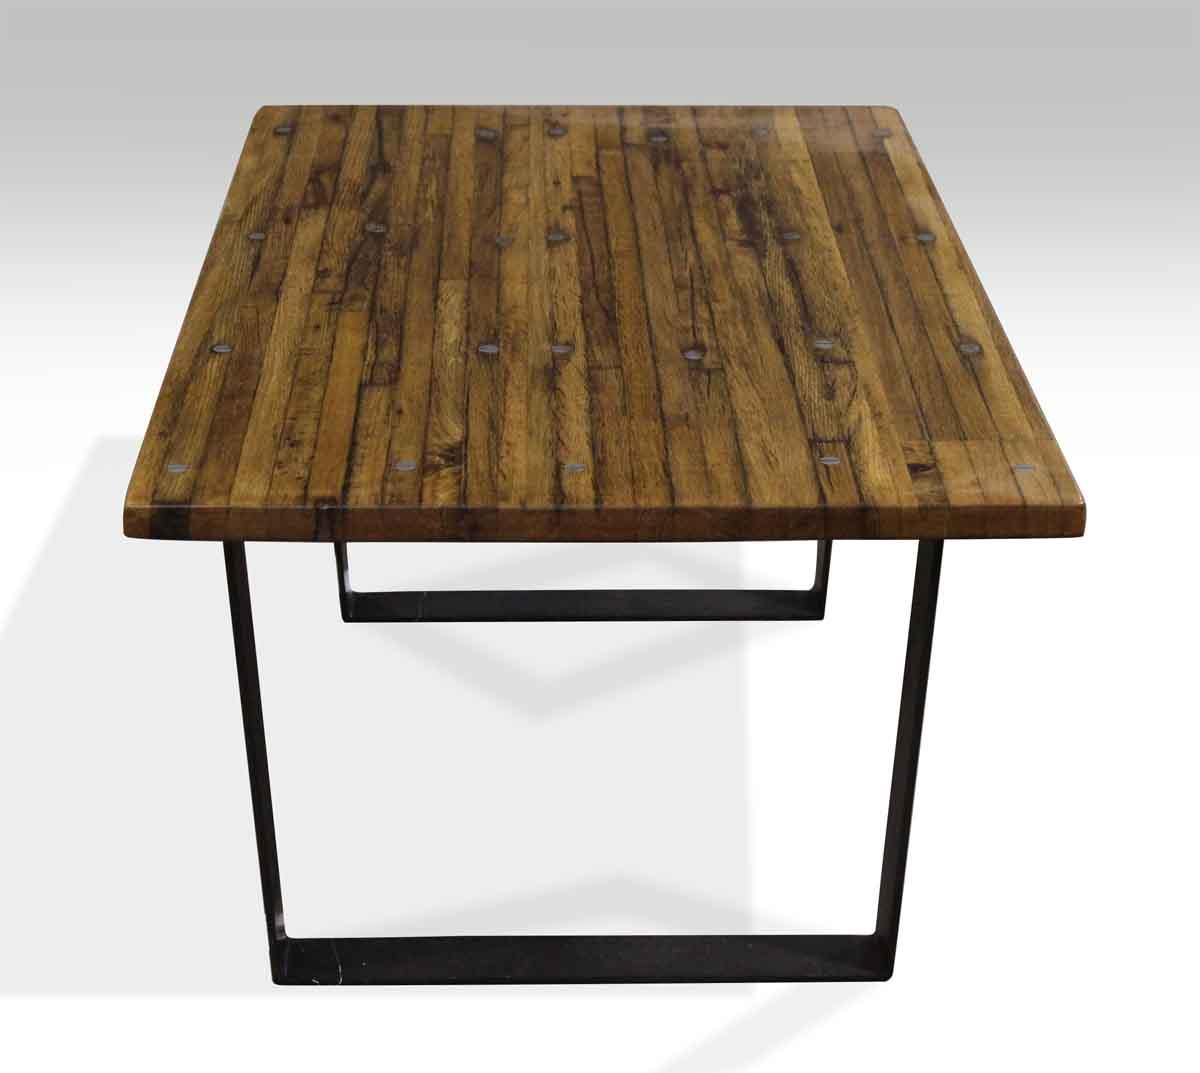 Black Steel Coffee Table Legs: Industrial Flooring Top Coffee Table With Black Steel Legs